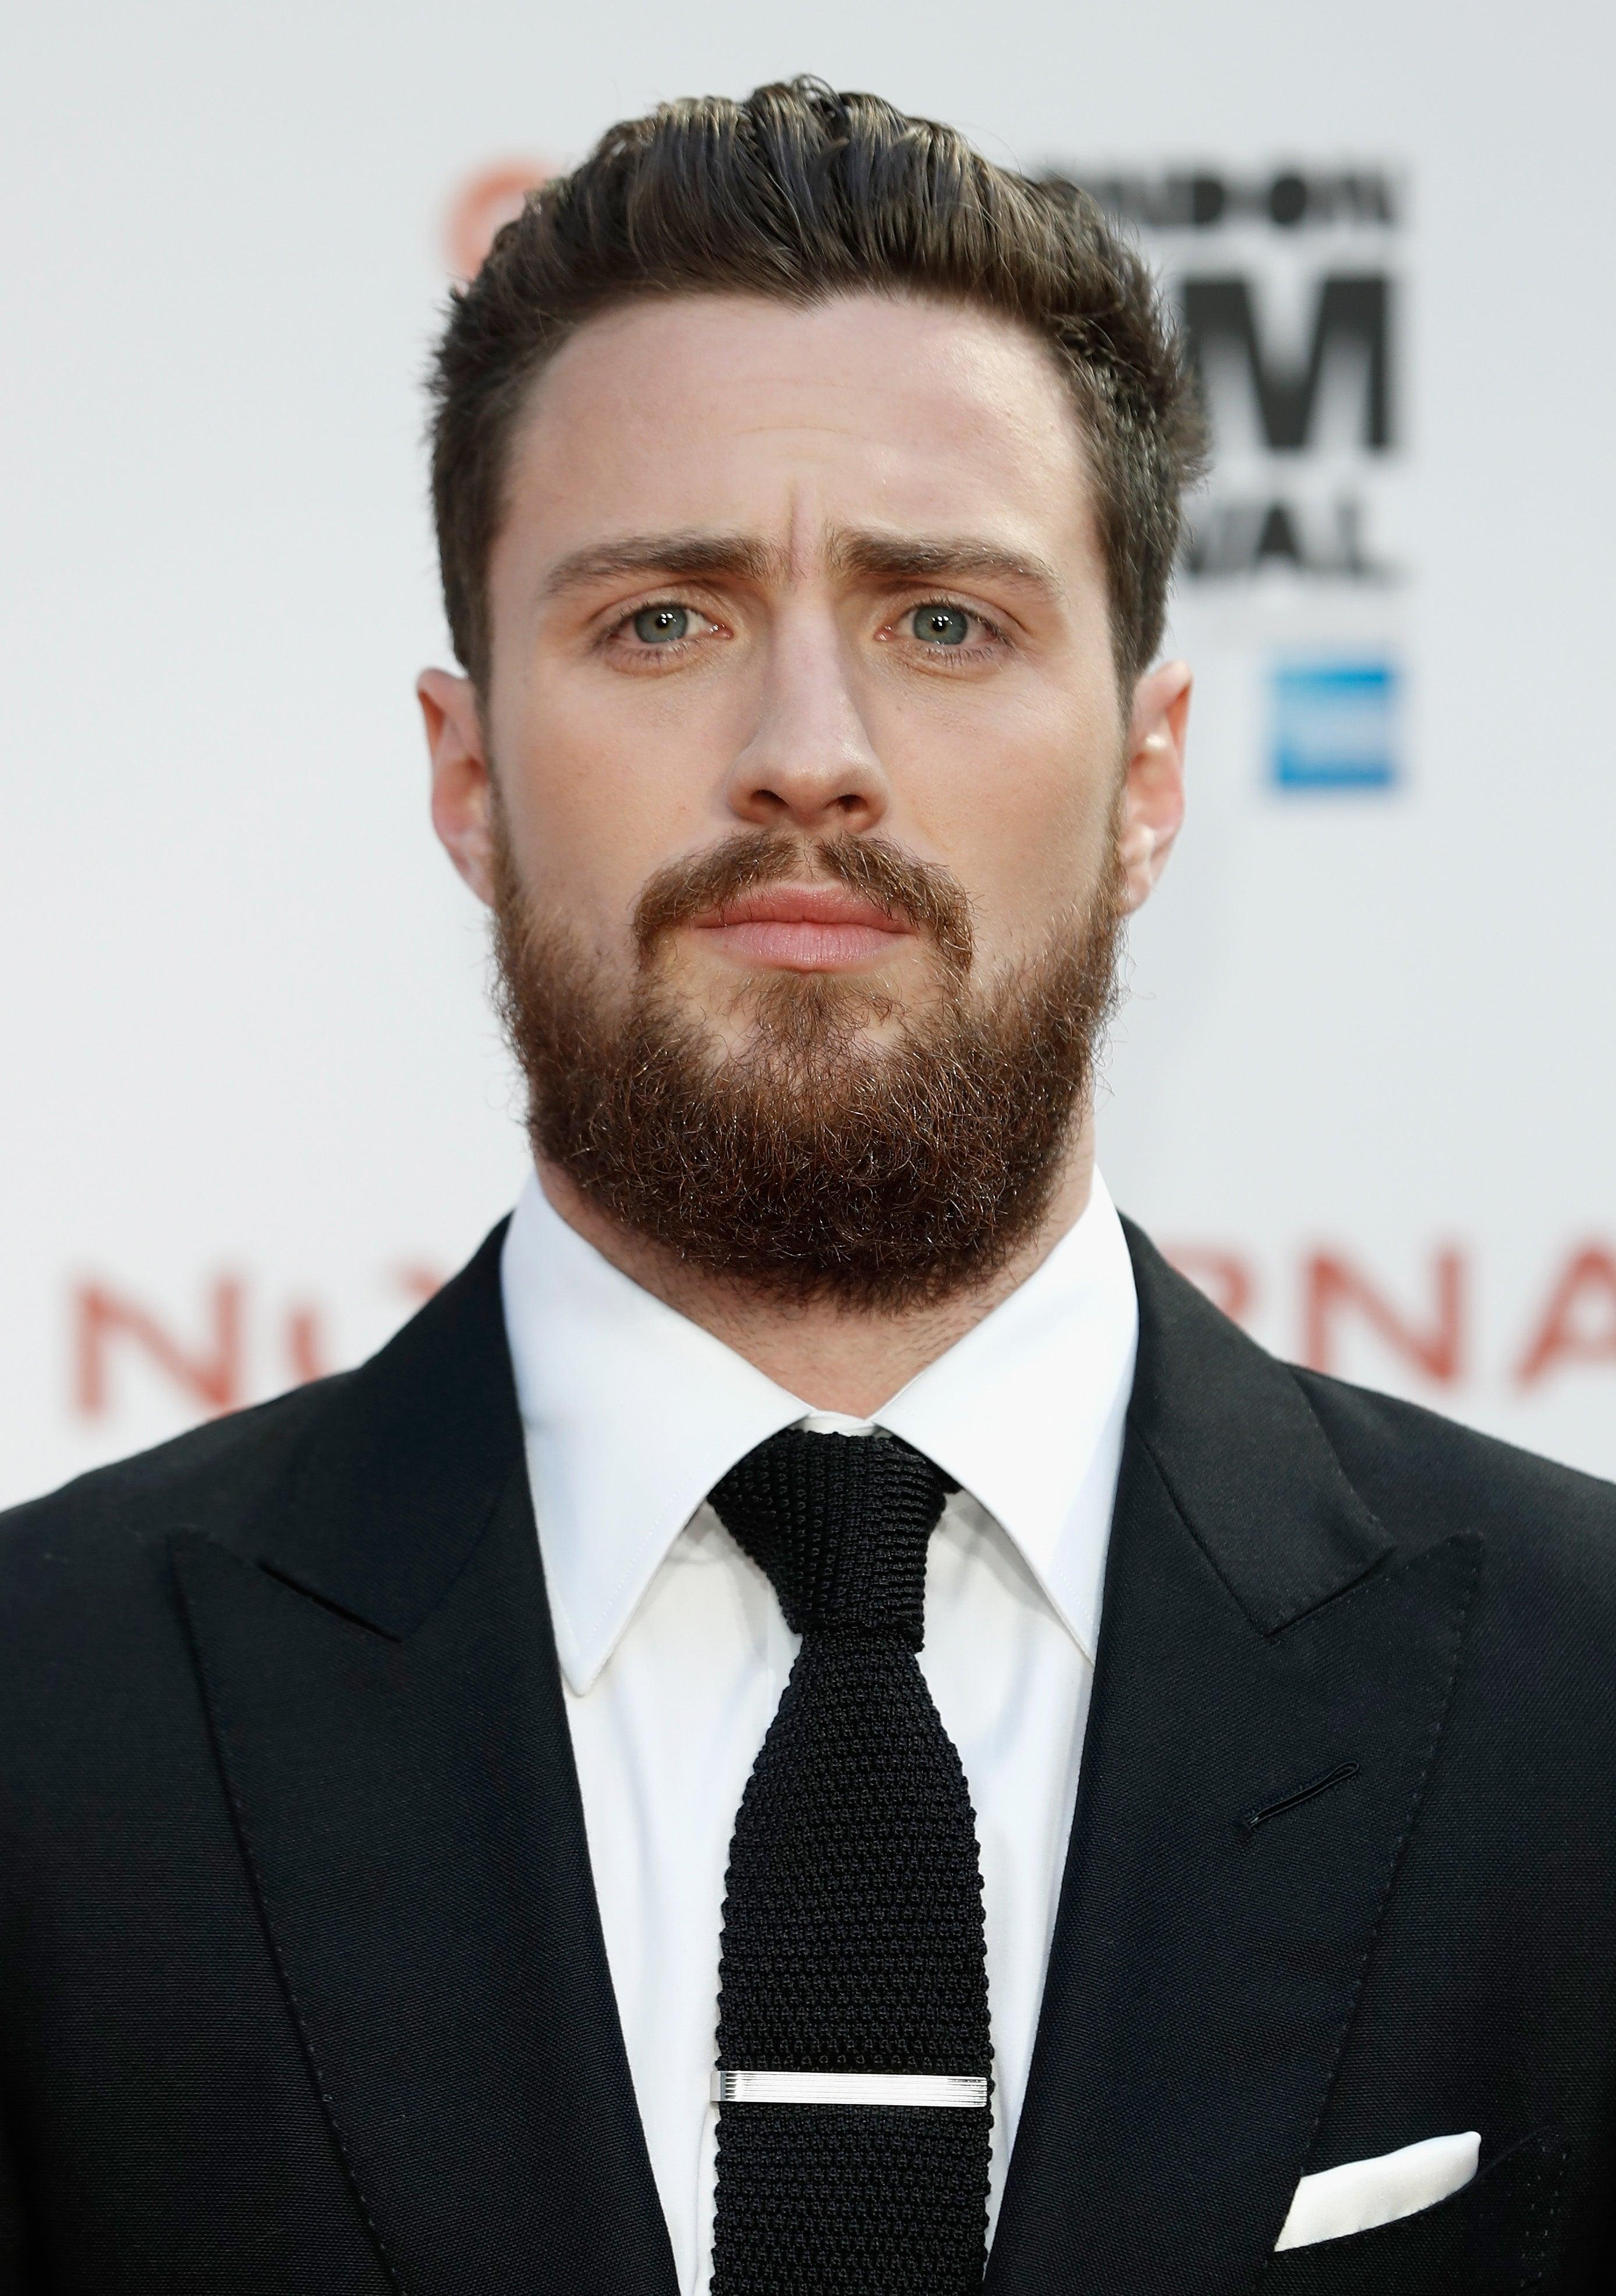 Actor Aaron Taylor-Johnson